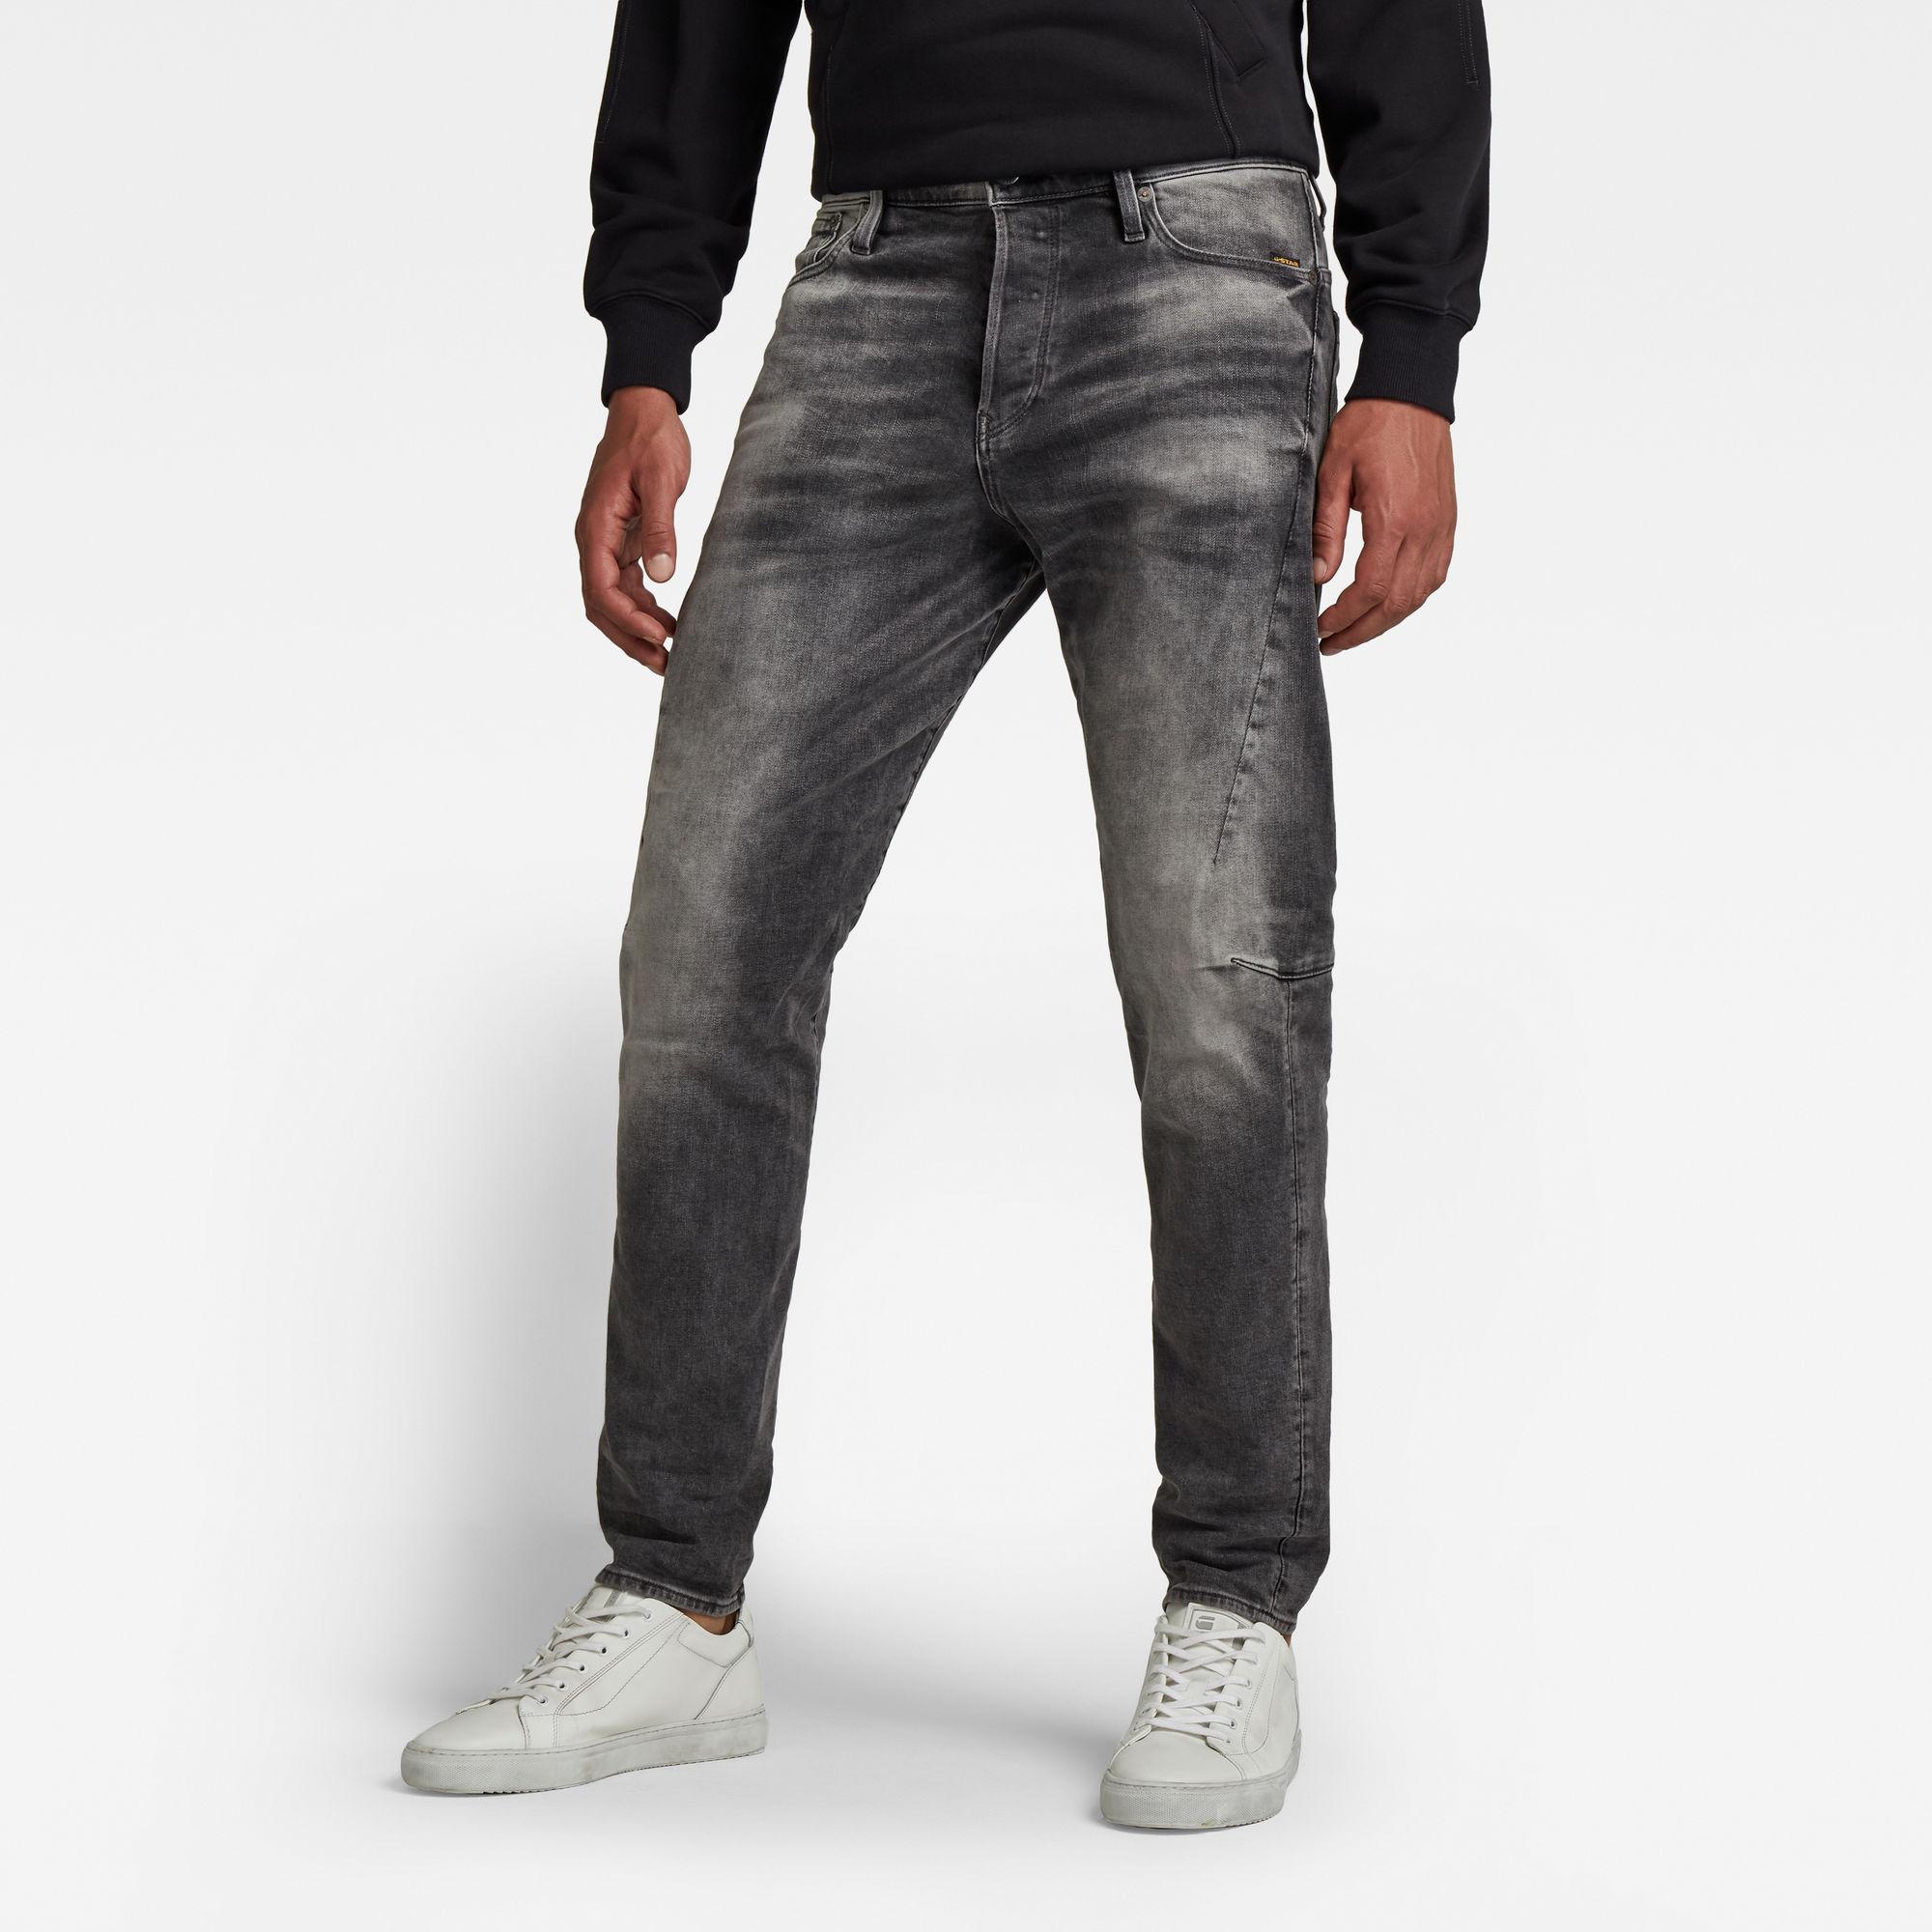 G-Star RAW Heren Scutar 3D Tapered Jeans Grijs